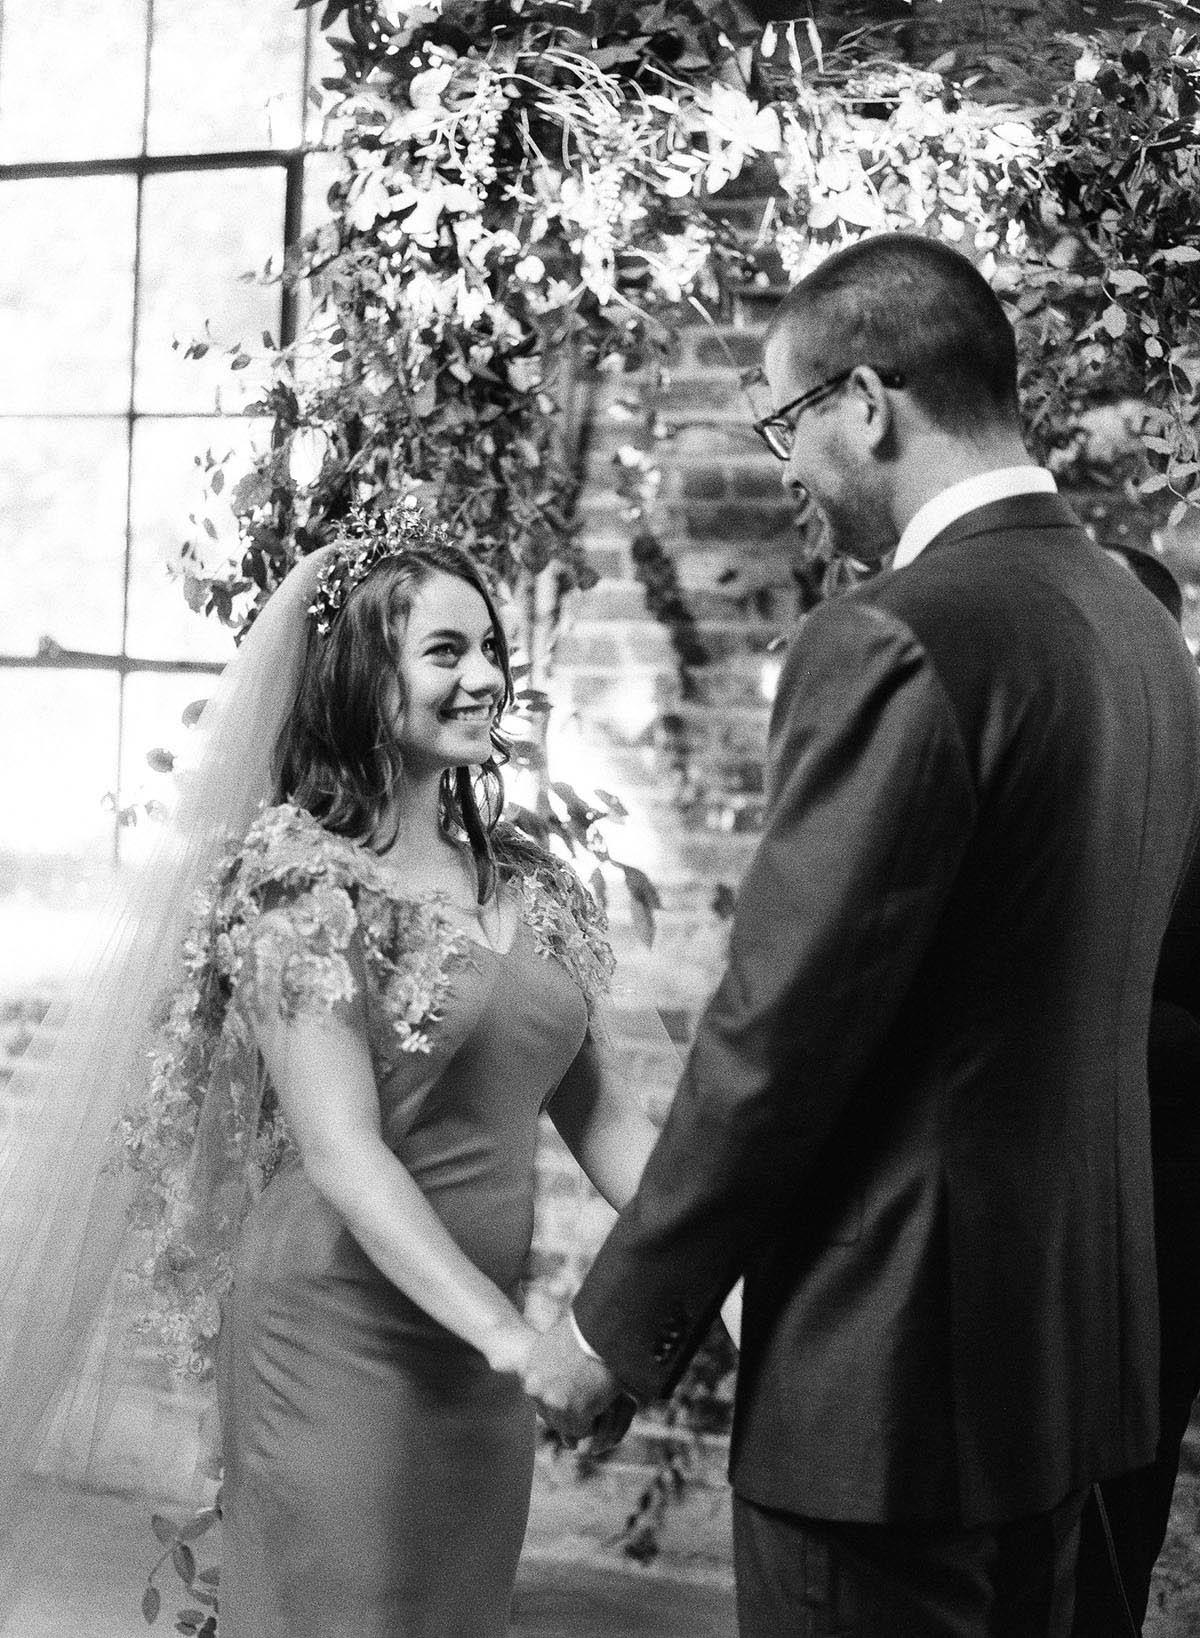 16-romantic-urban-wedding.jpg